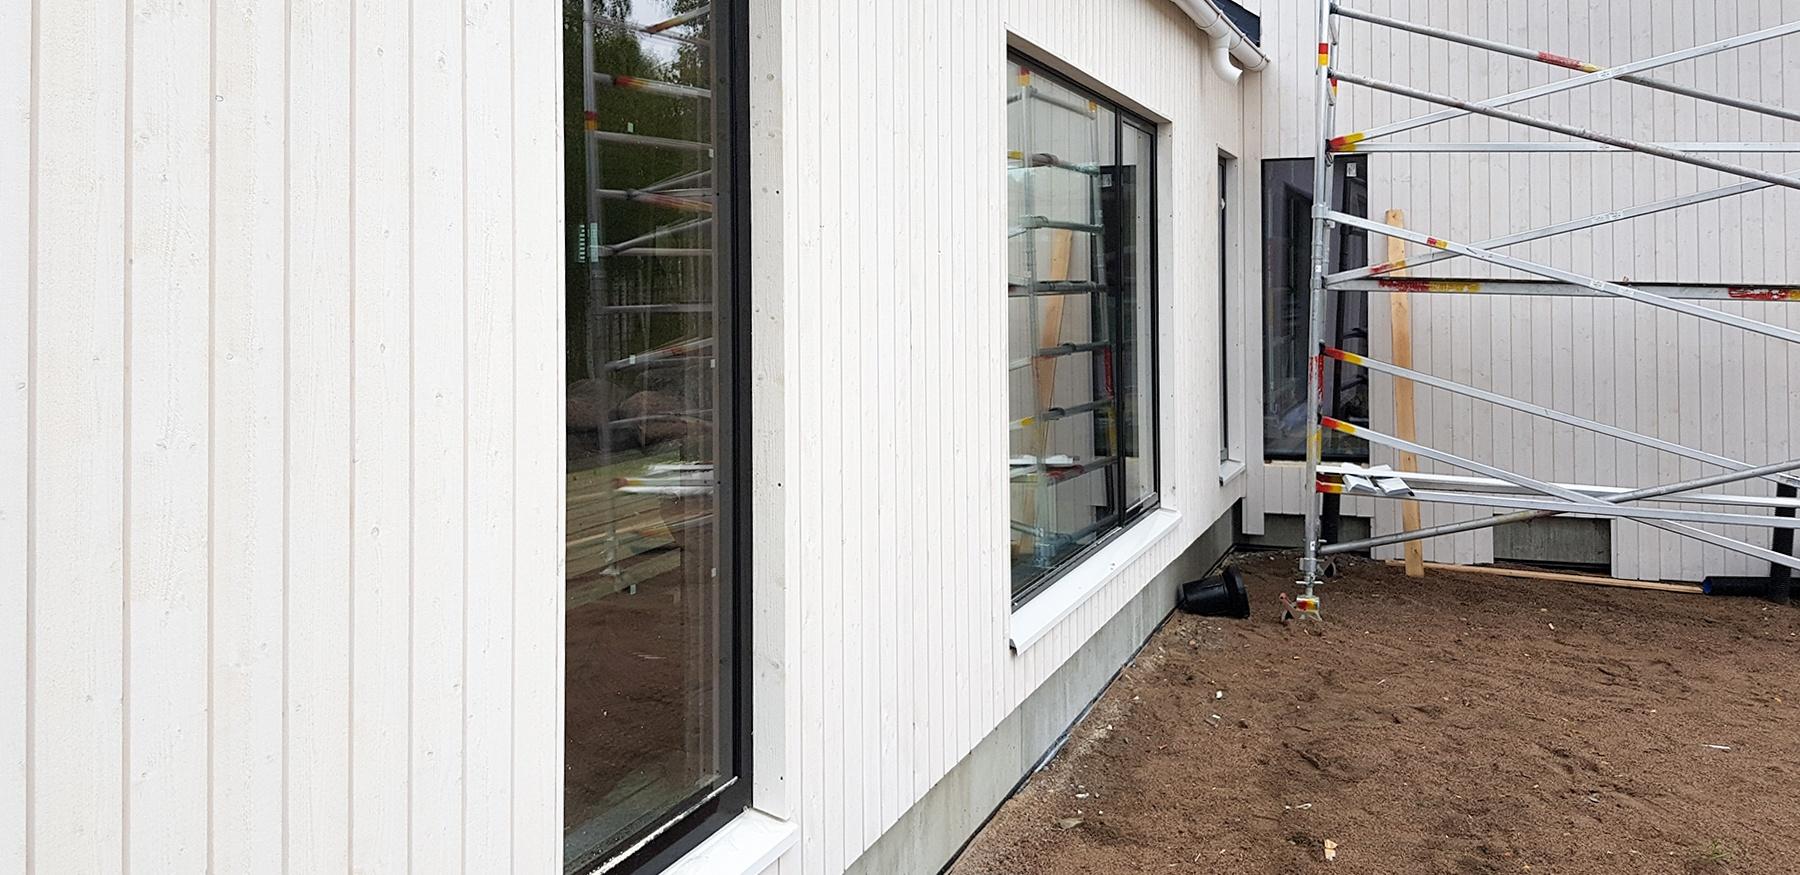 Ikkunapellit ja ovien kynnyspellit mittoihin leikattuna-2